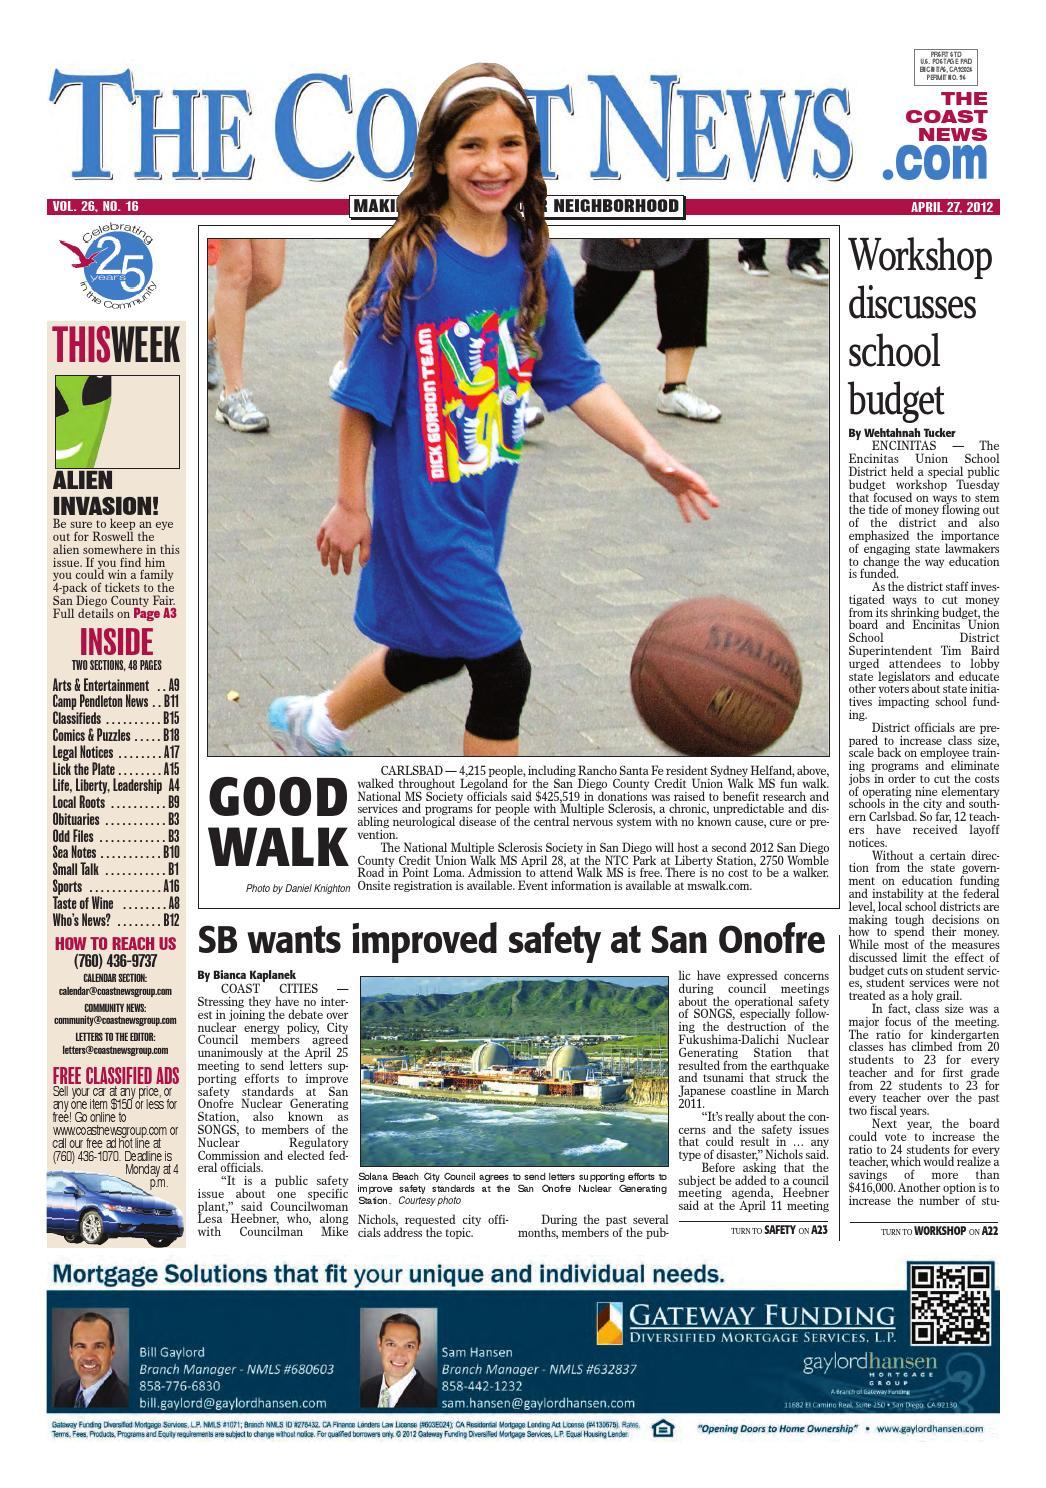 The coast news 2012 4 27 by Coast News Group - issuu